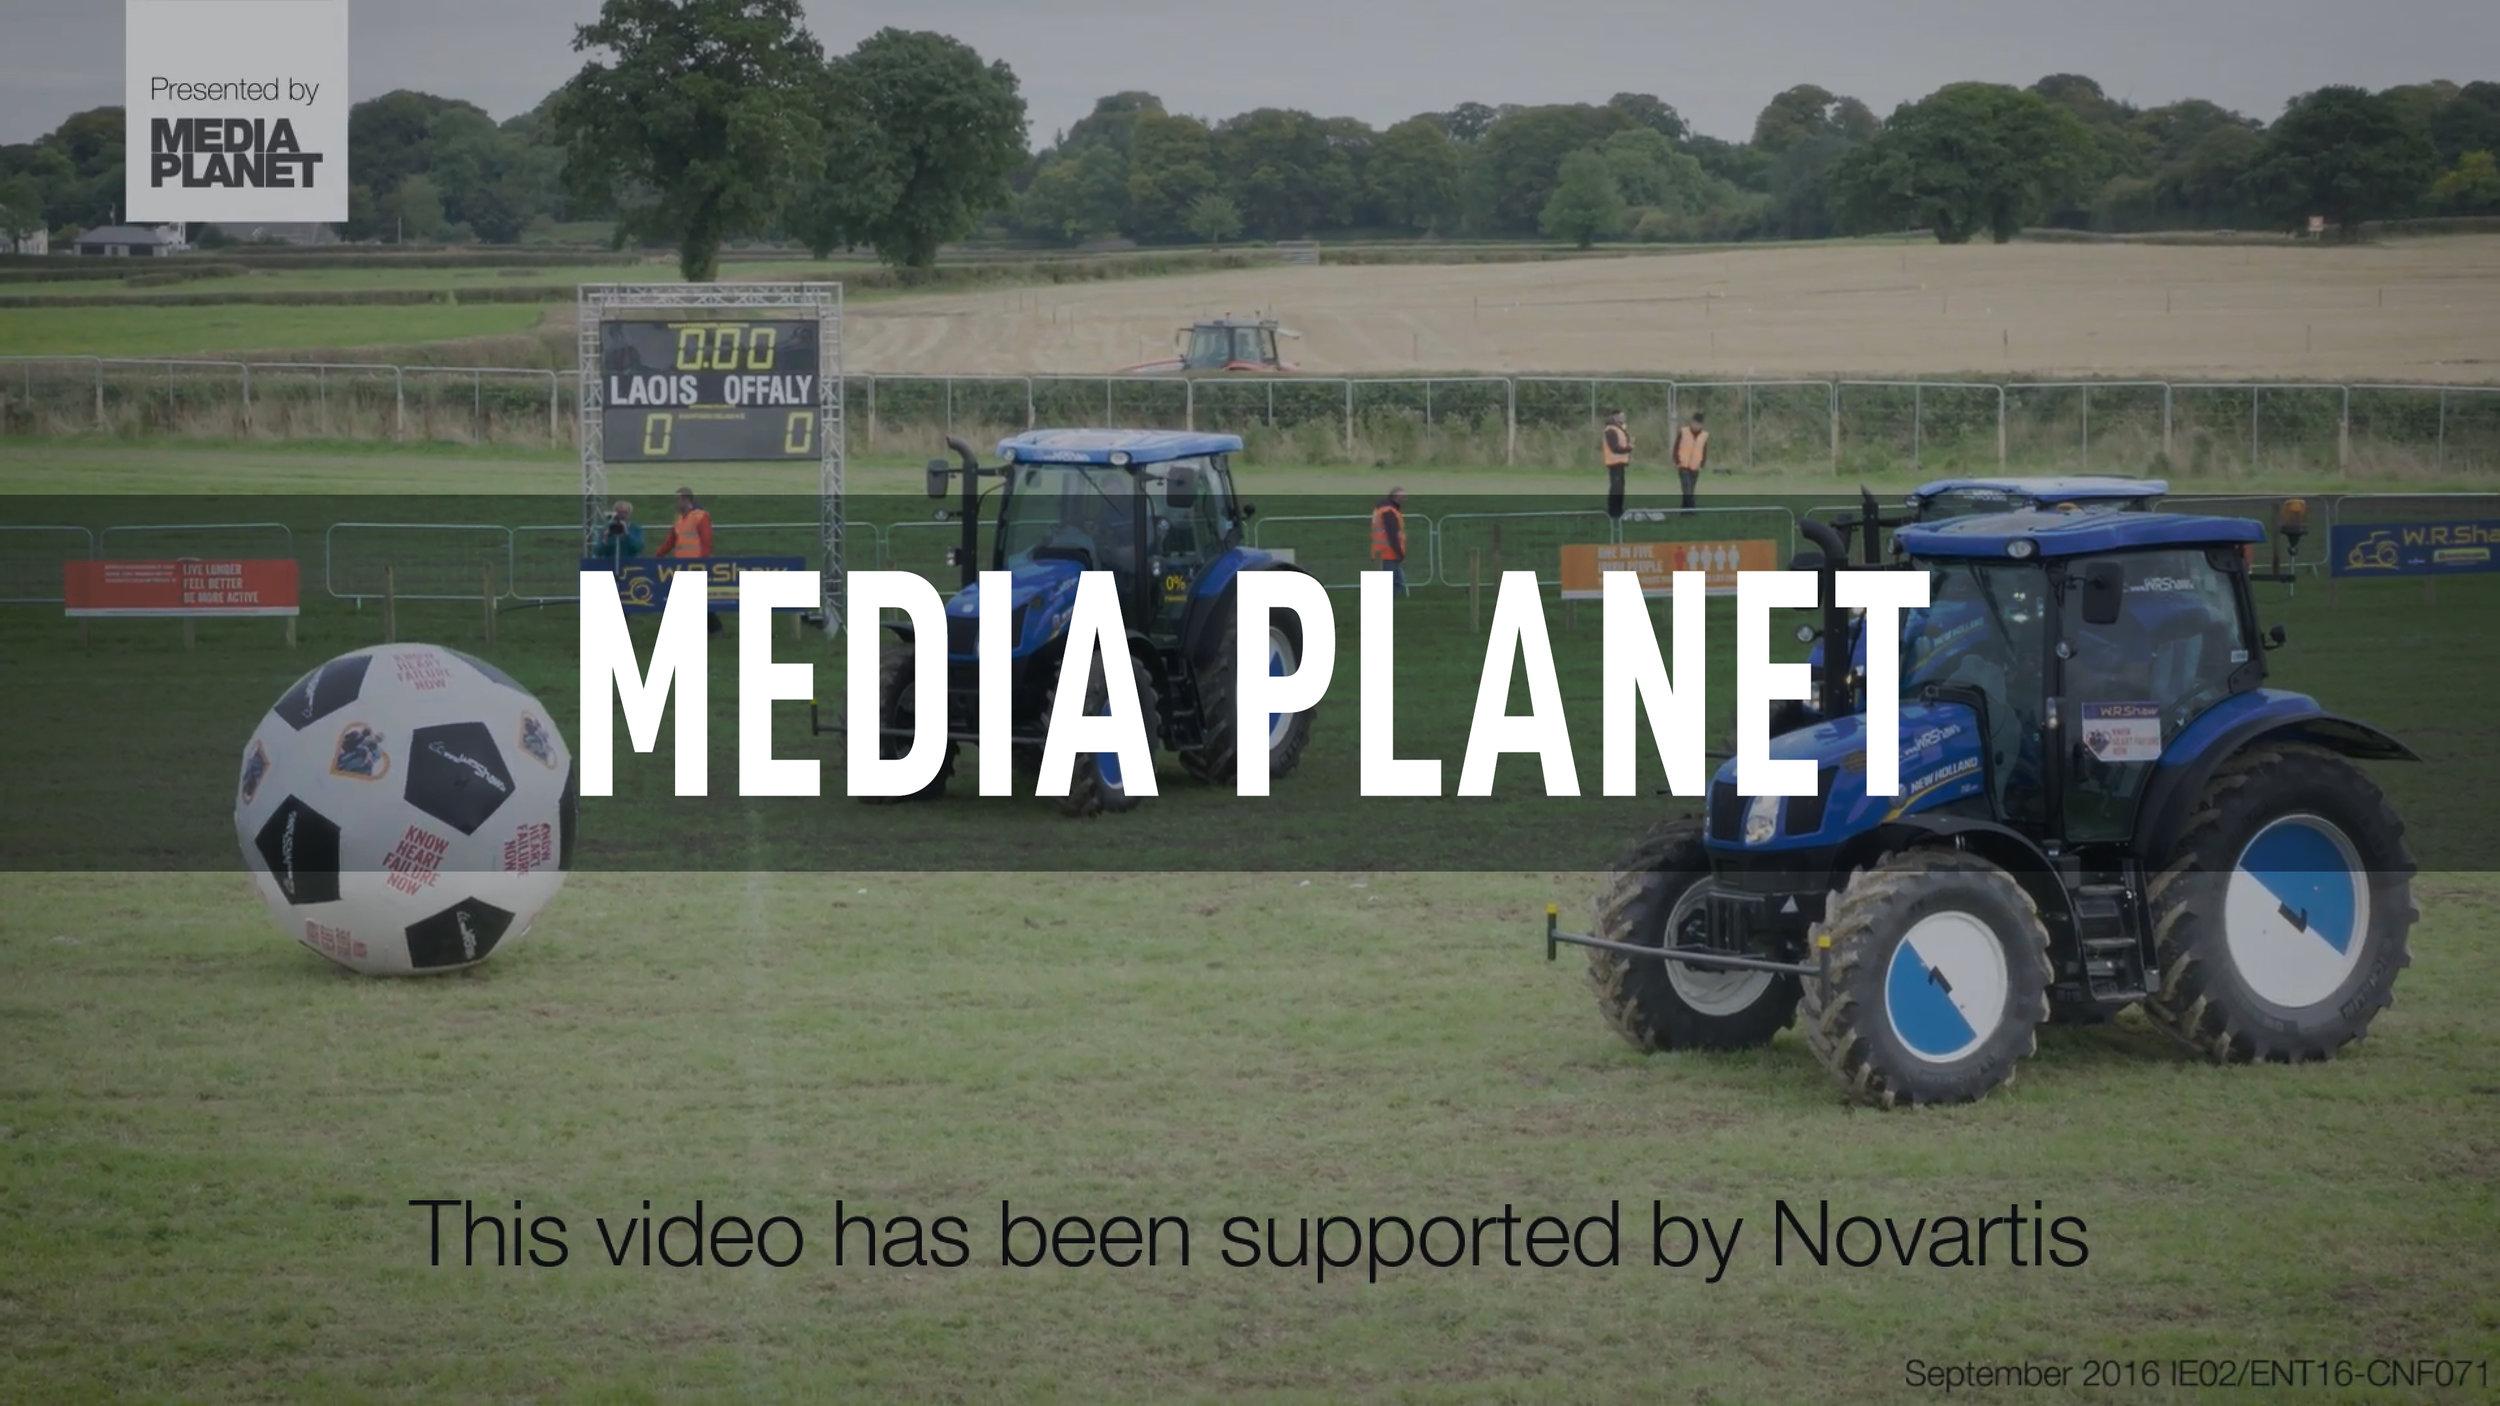 Media Plaanet